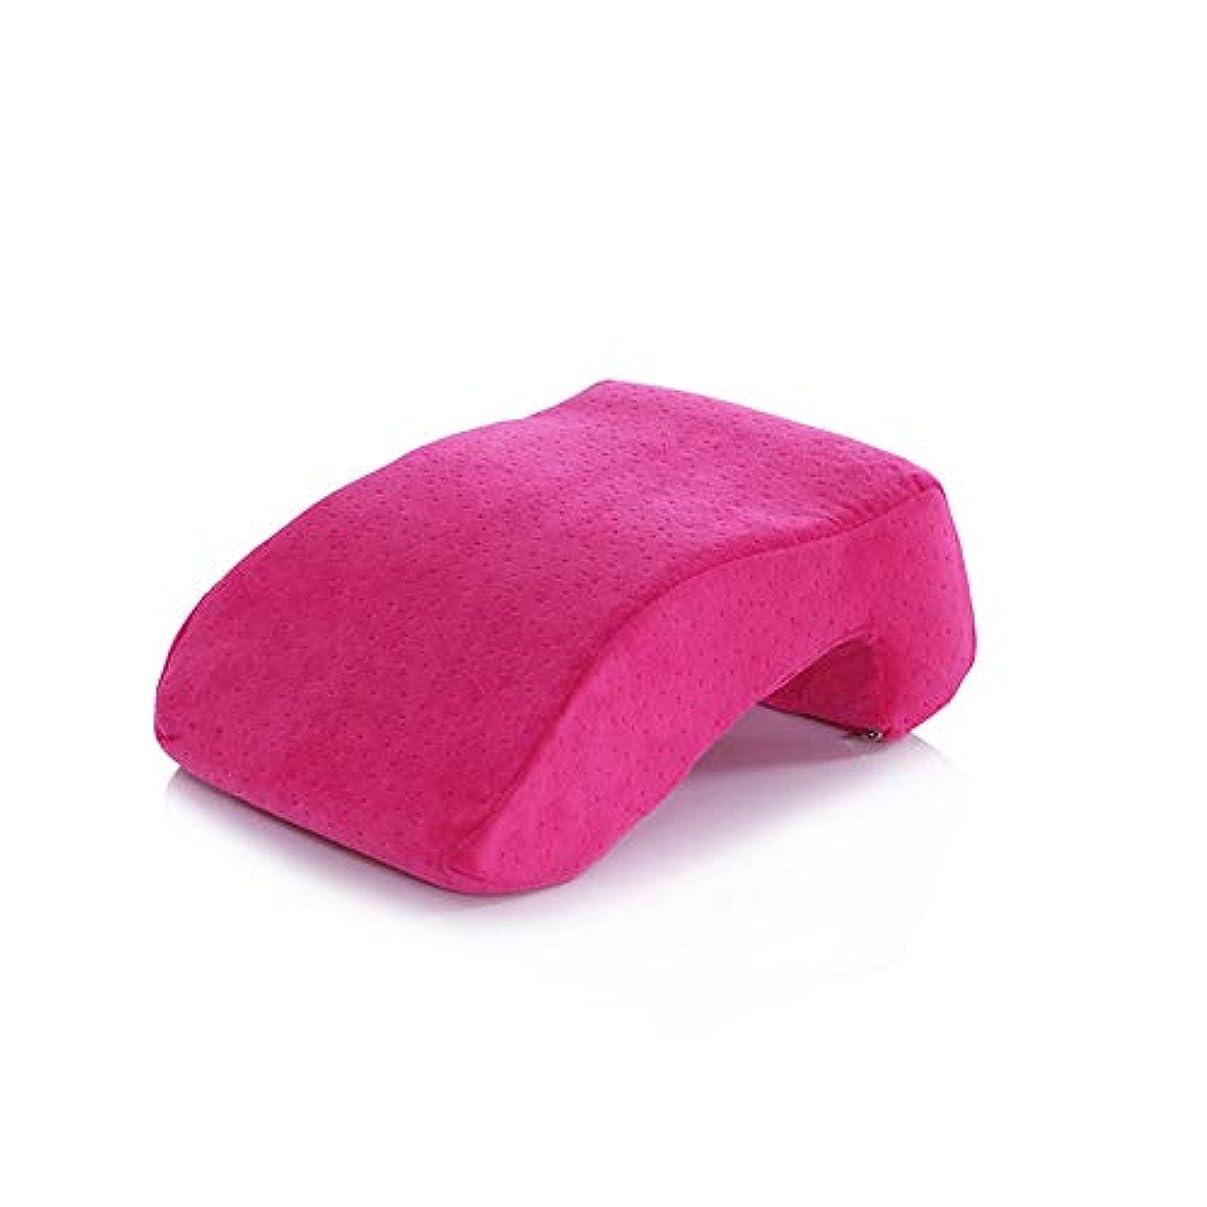 シチリア偽汗取り外し可能なキルティングカバーが付いているサポート枕オフィスの休息の枕学生の昼休みの枕